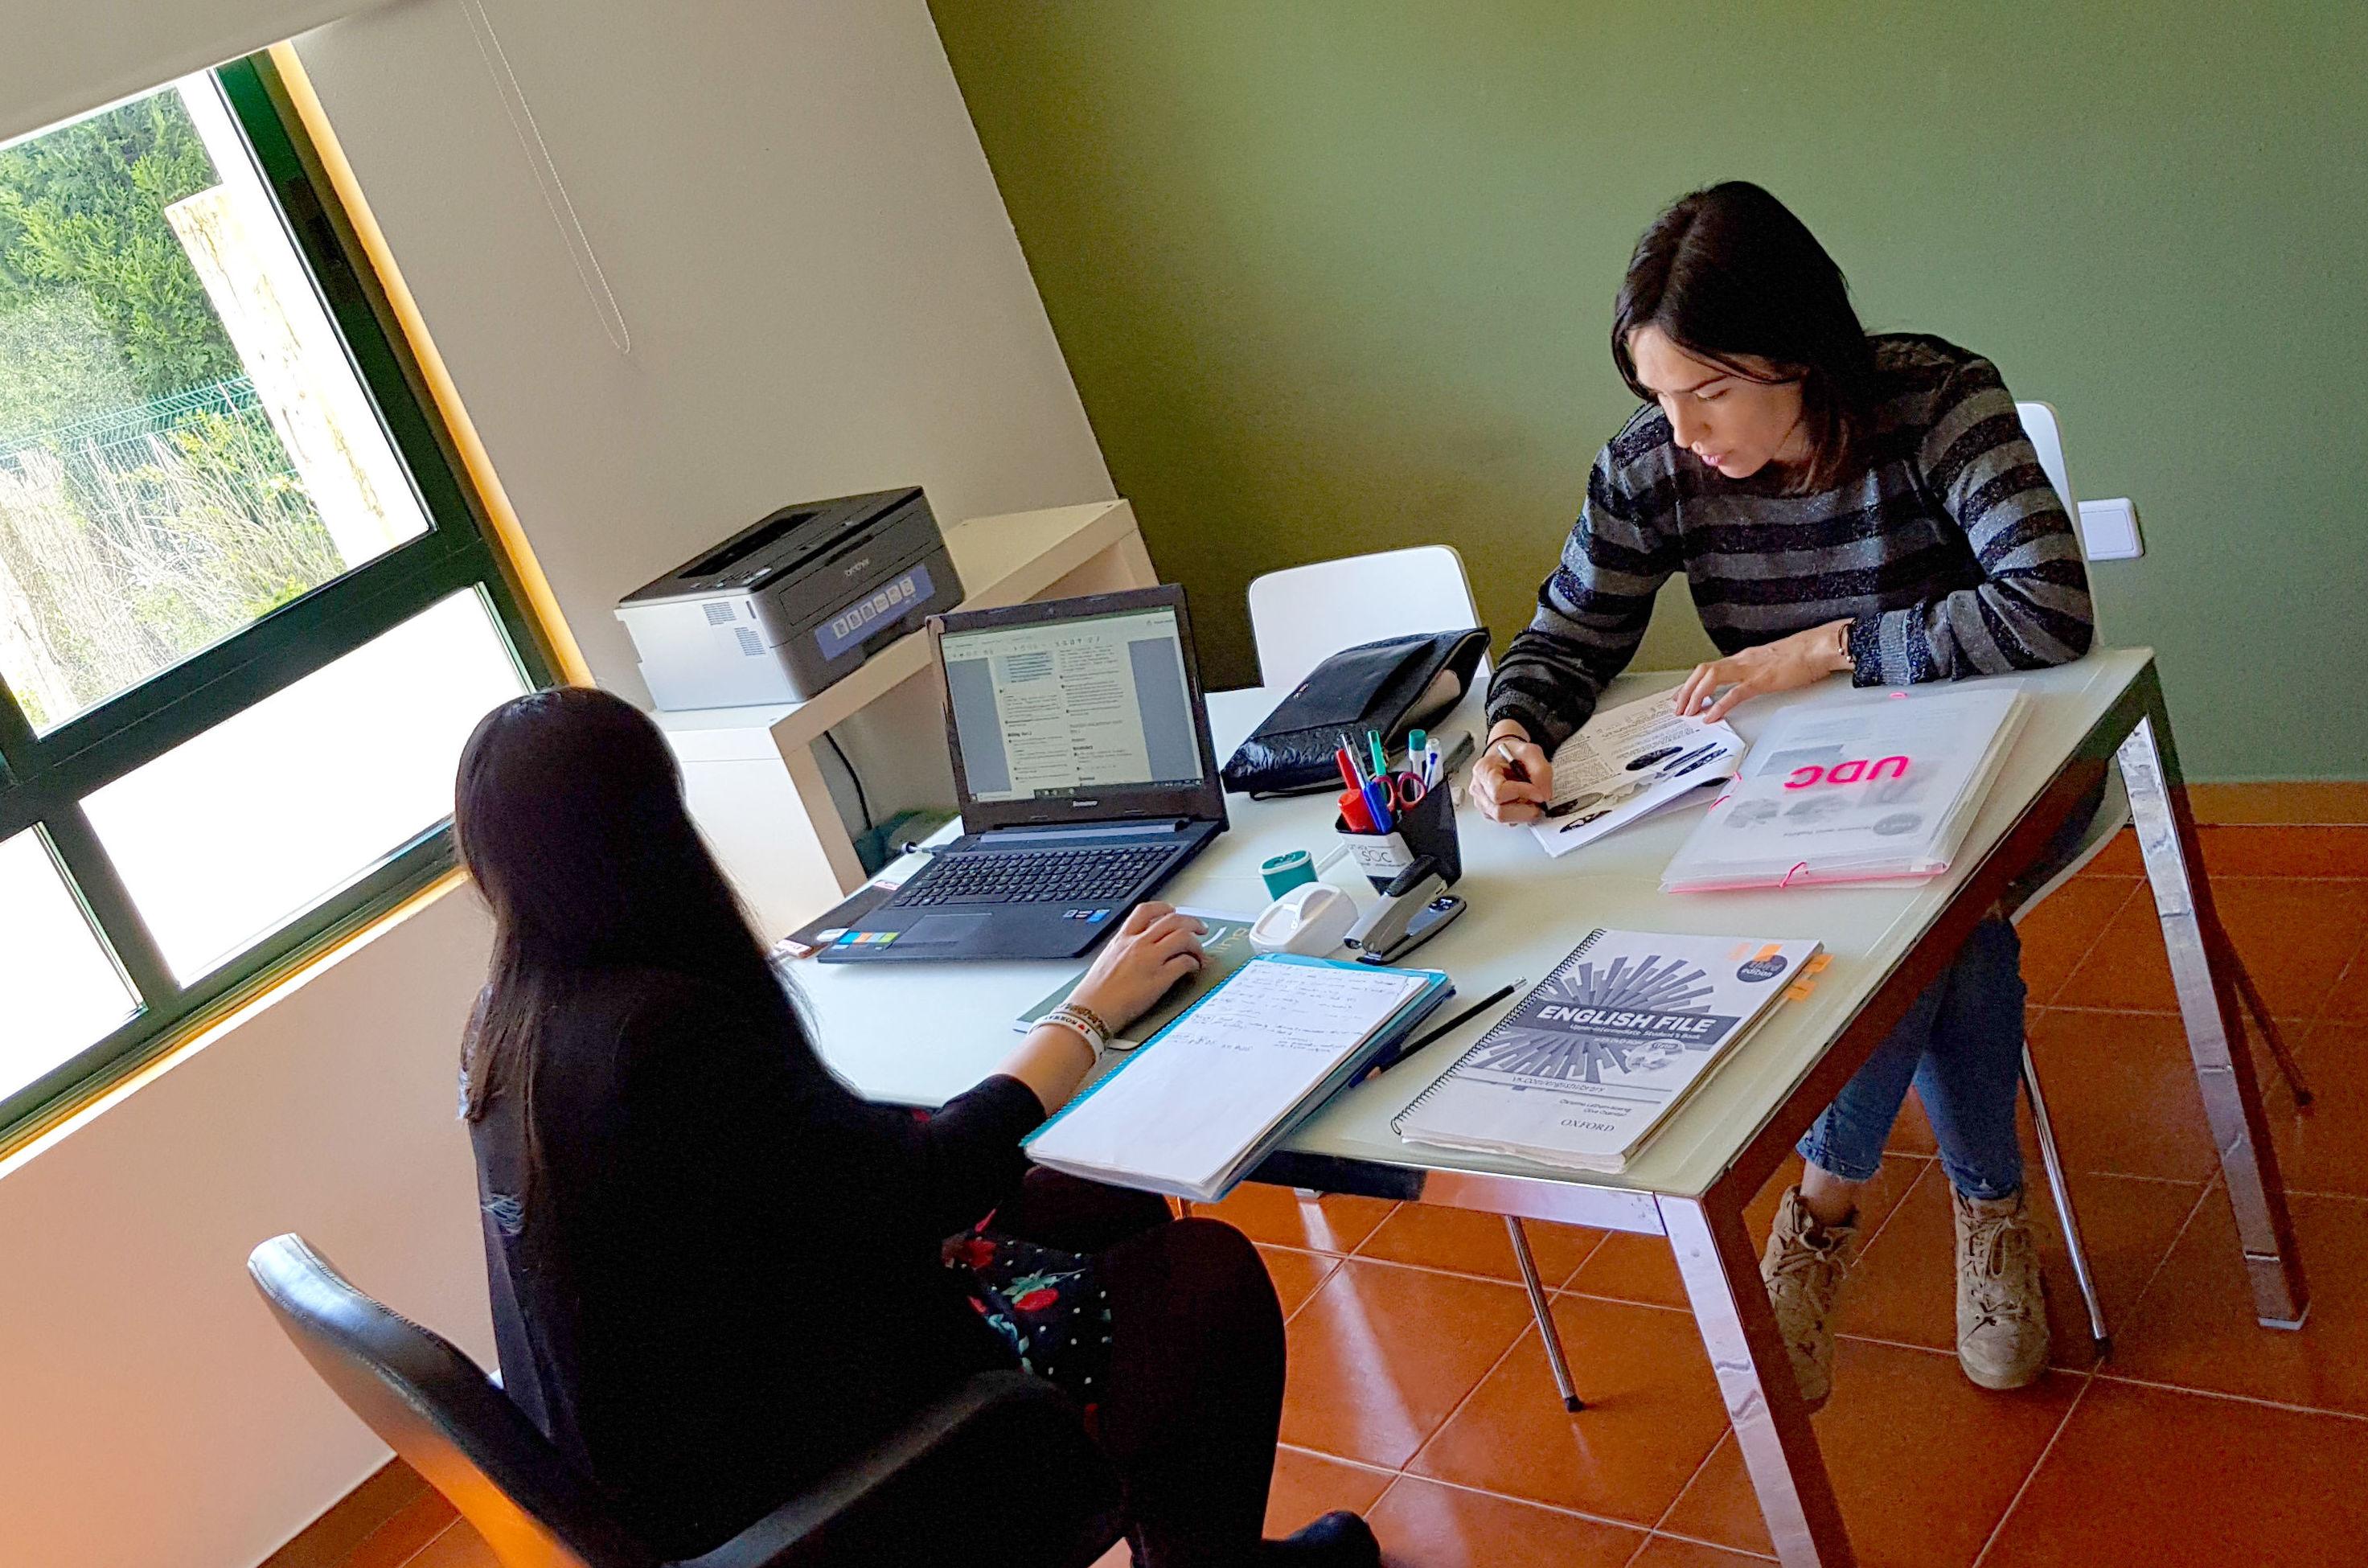 Foto 13 de Academia de idiomas en La Coruña | SBC Global Training